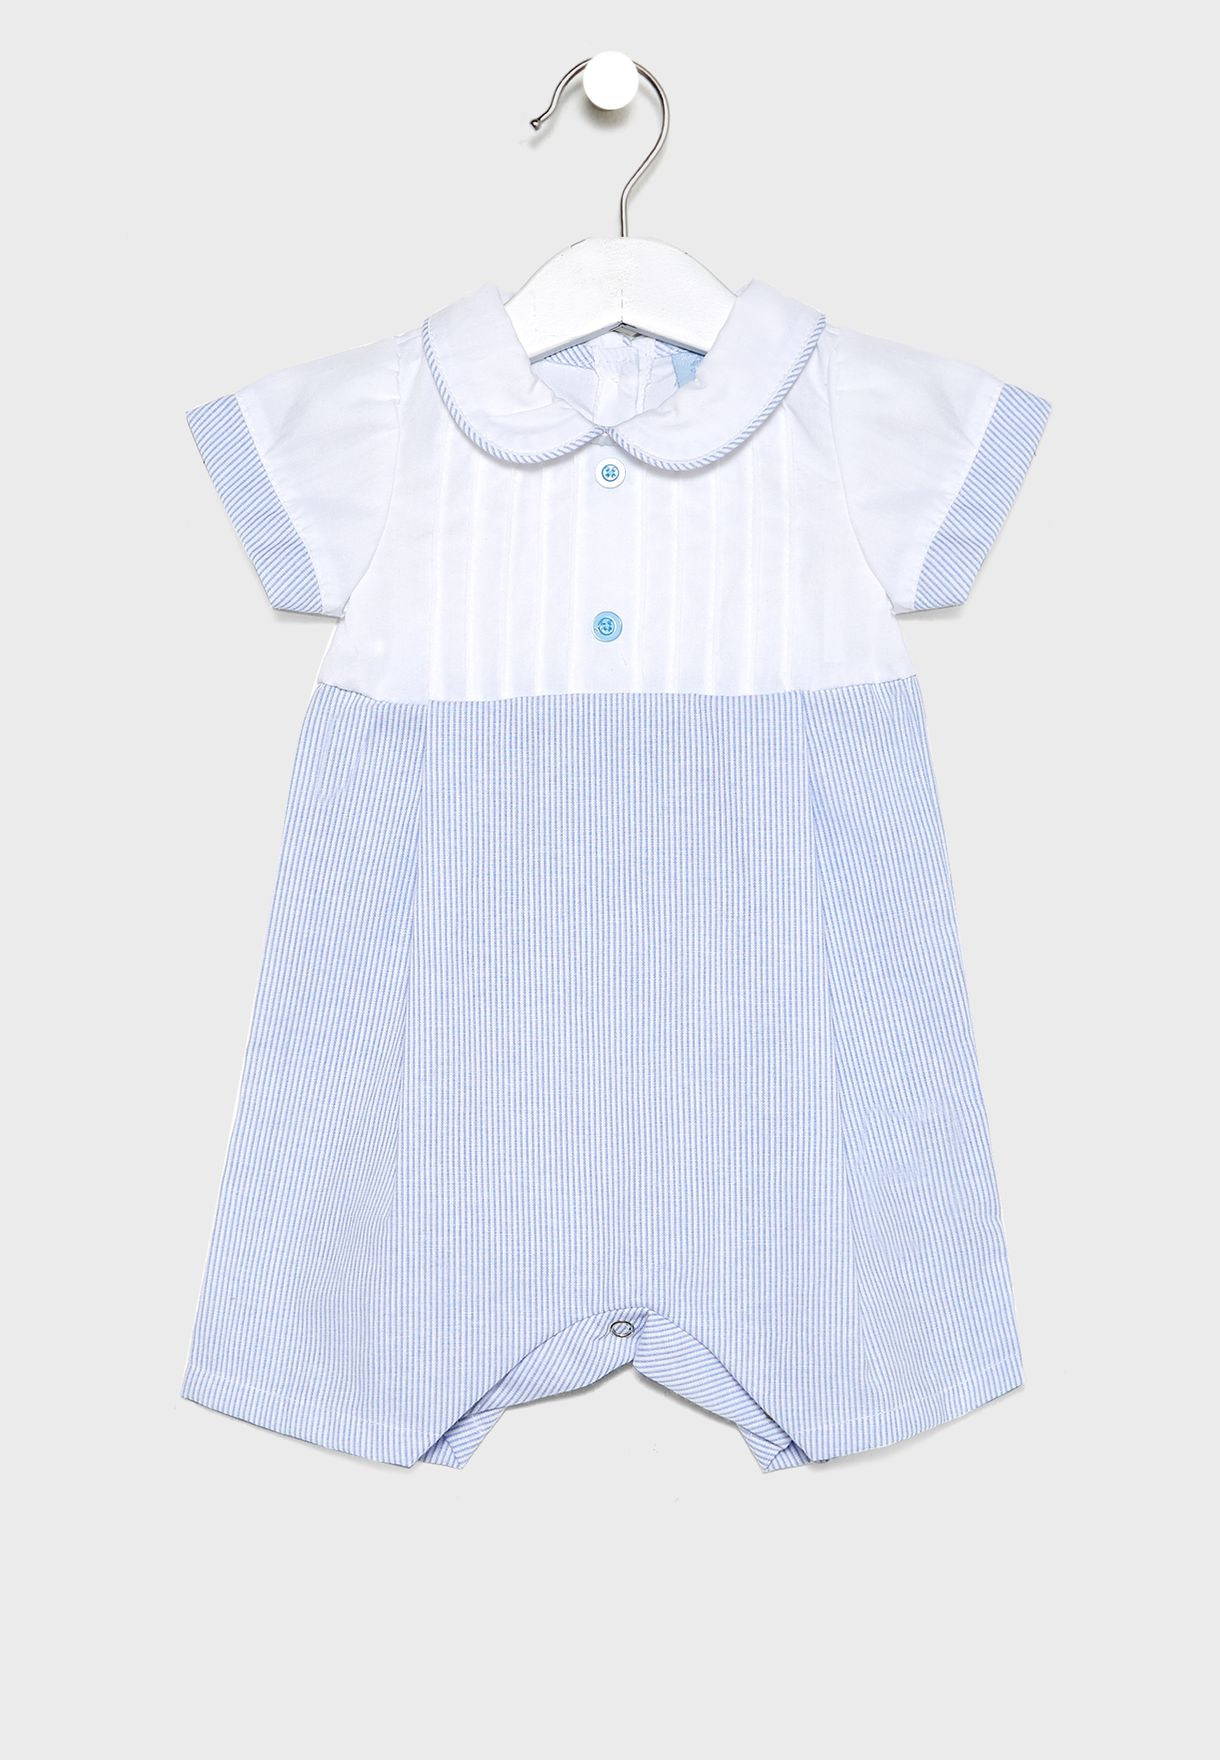 Infant Peter Pan Collar Dress + Shorts Set